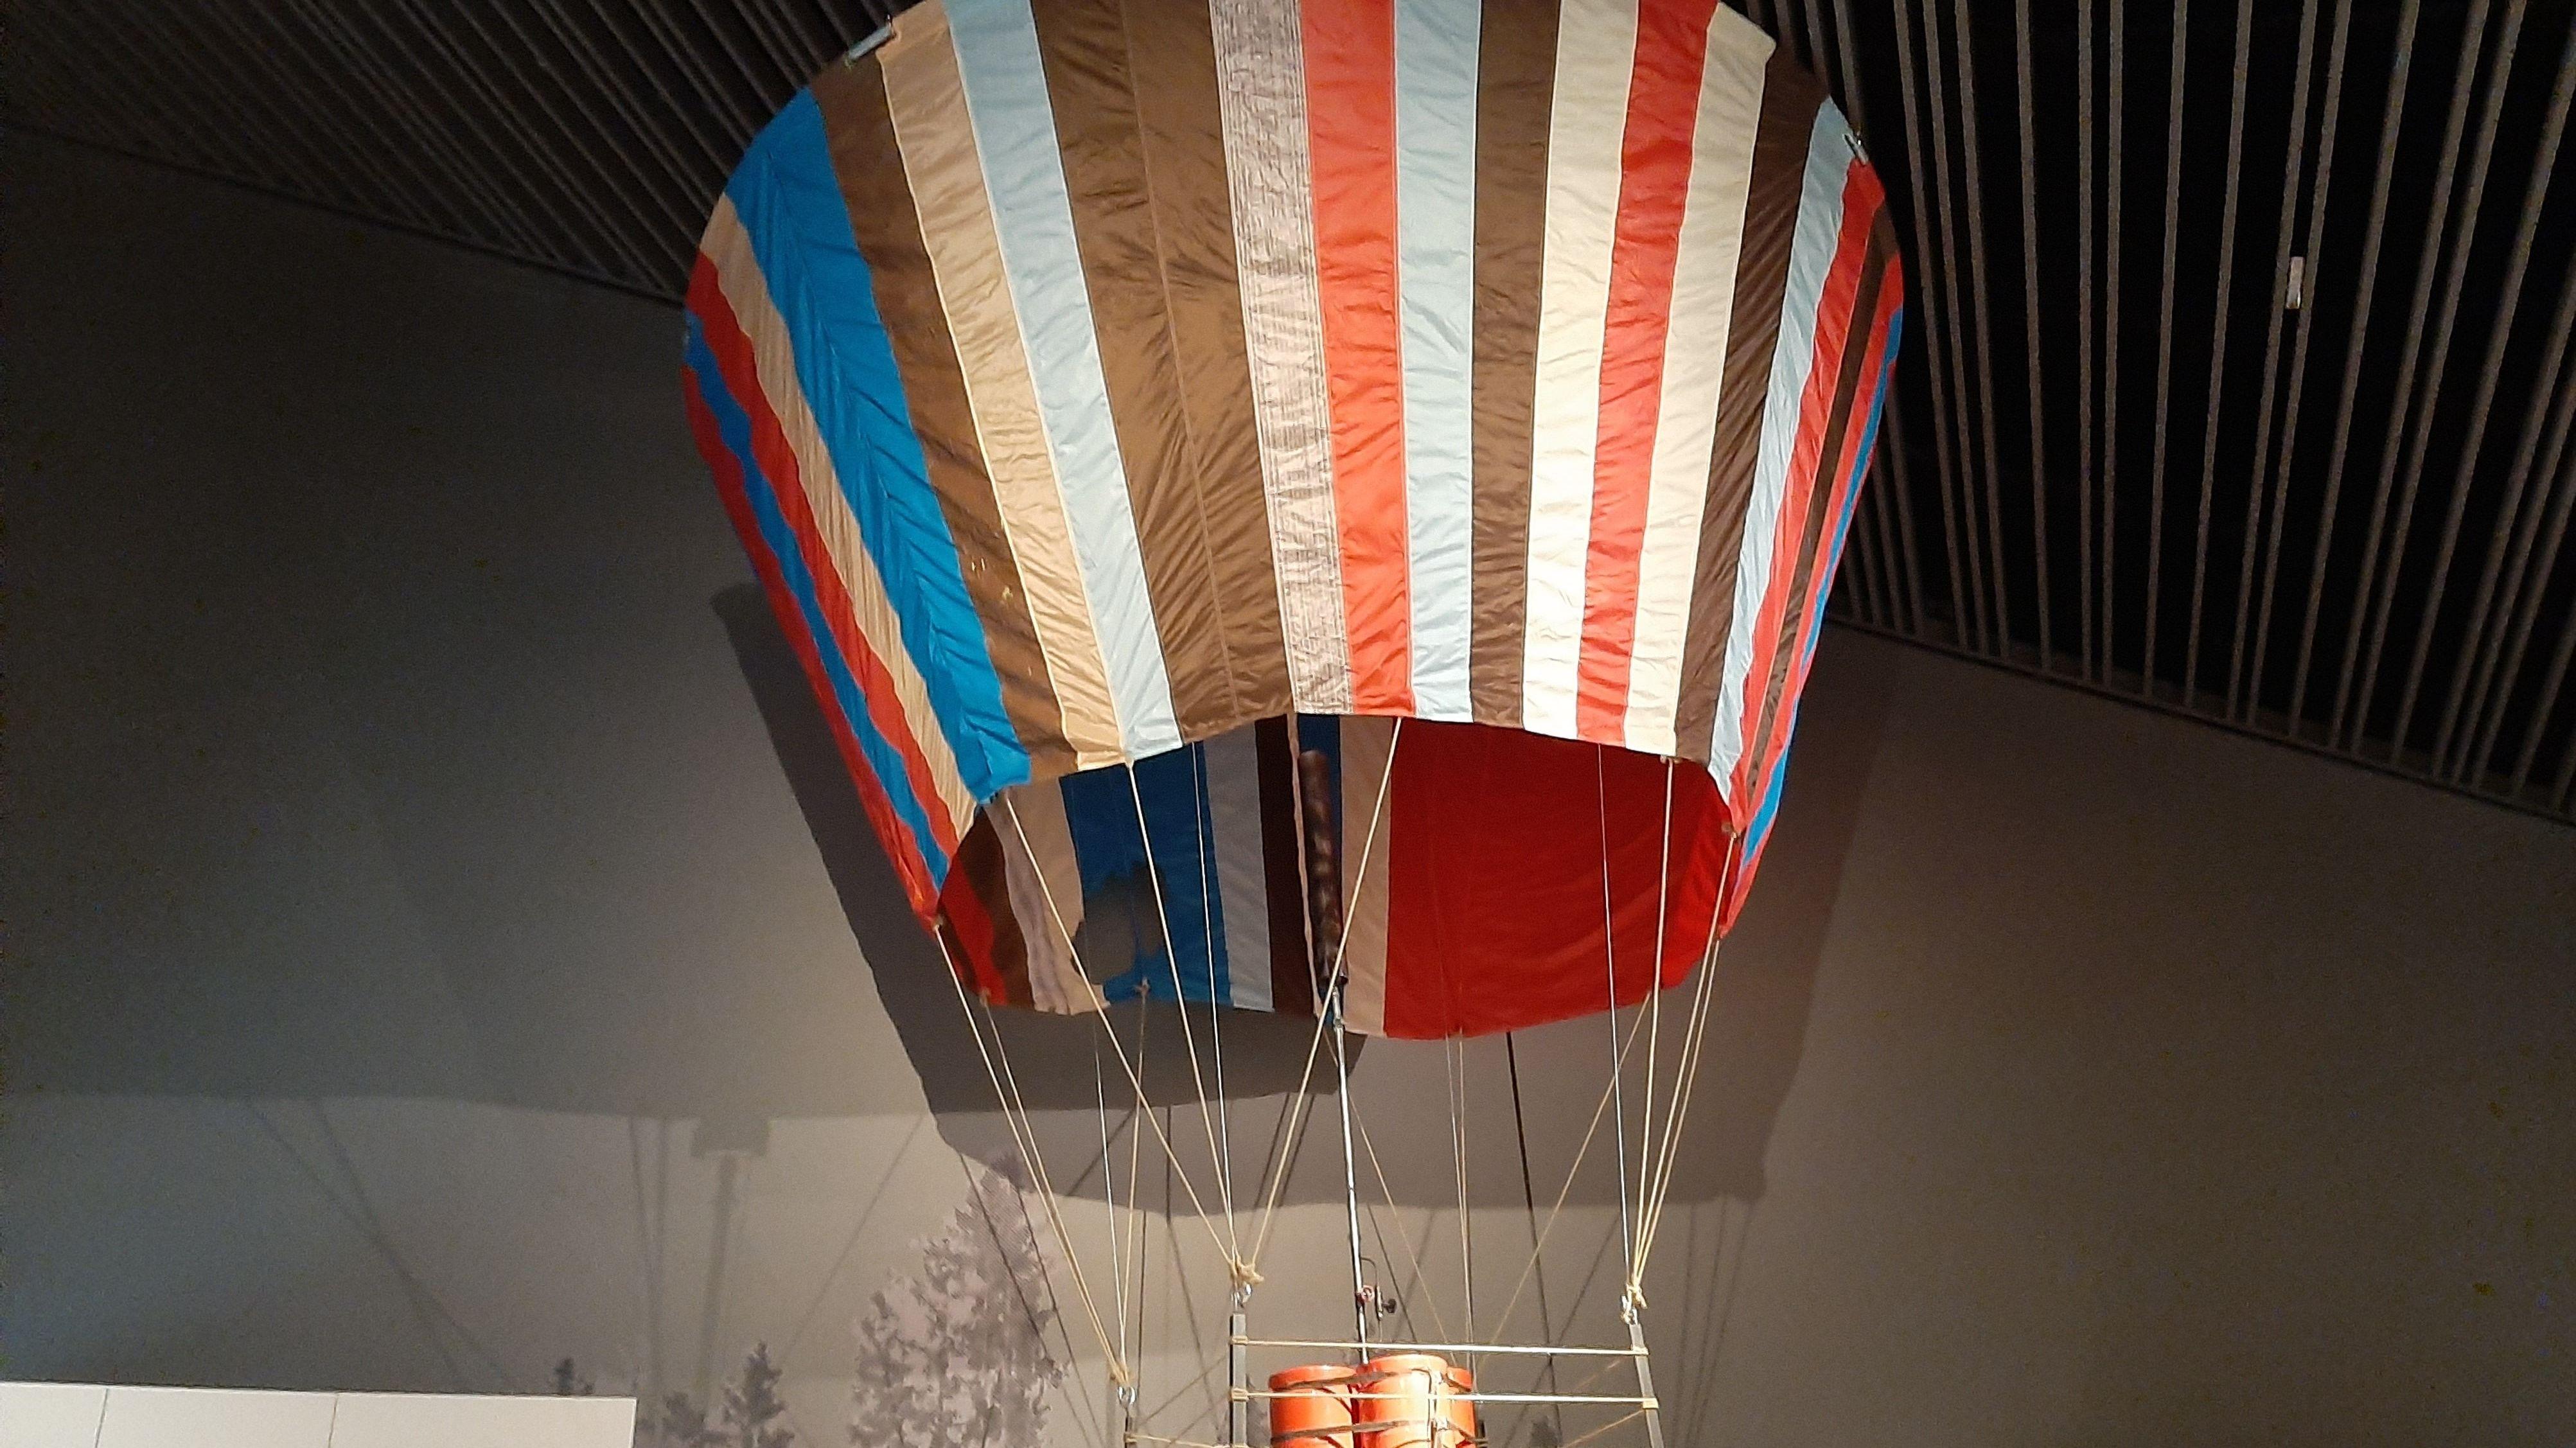 Die Rekonstruktion des DDR-Fluchtballons aus dem Kinofilm